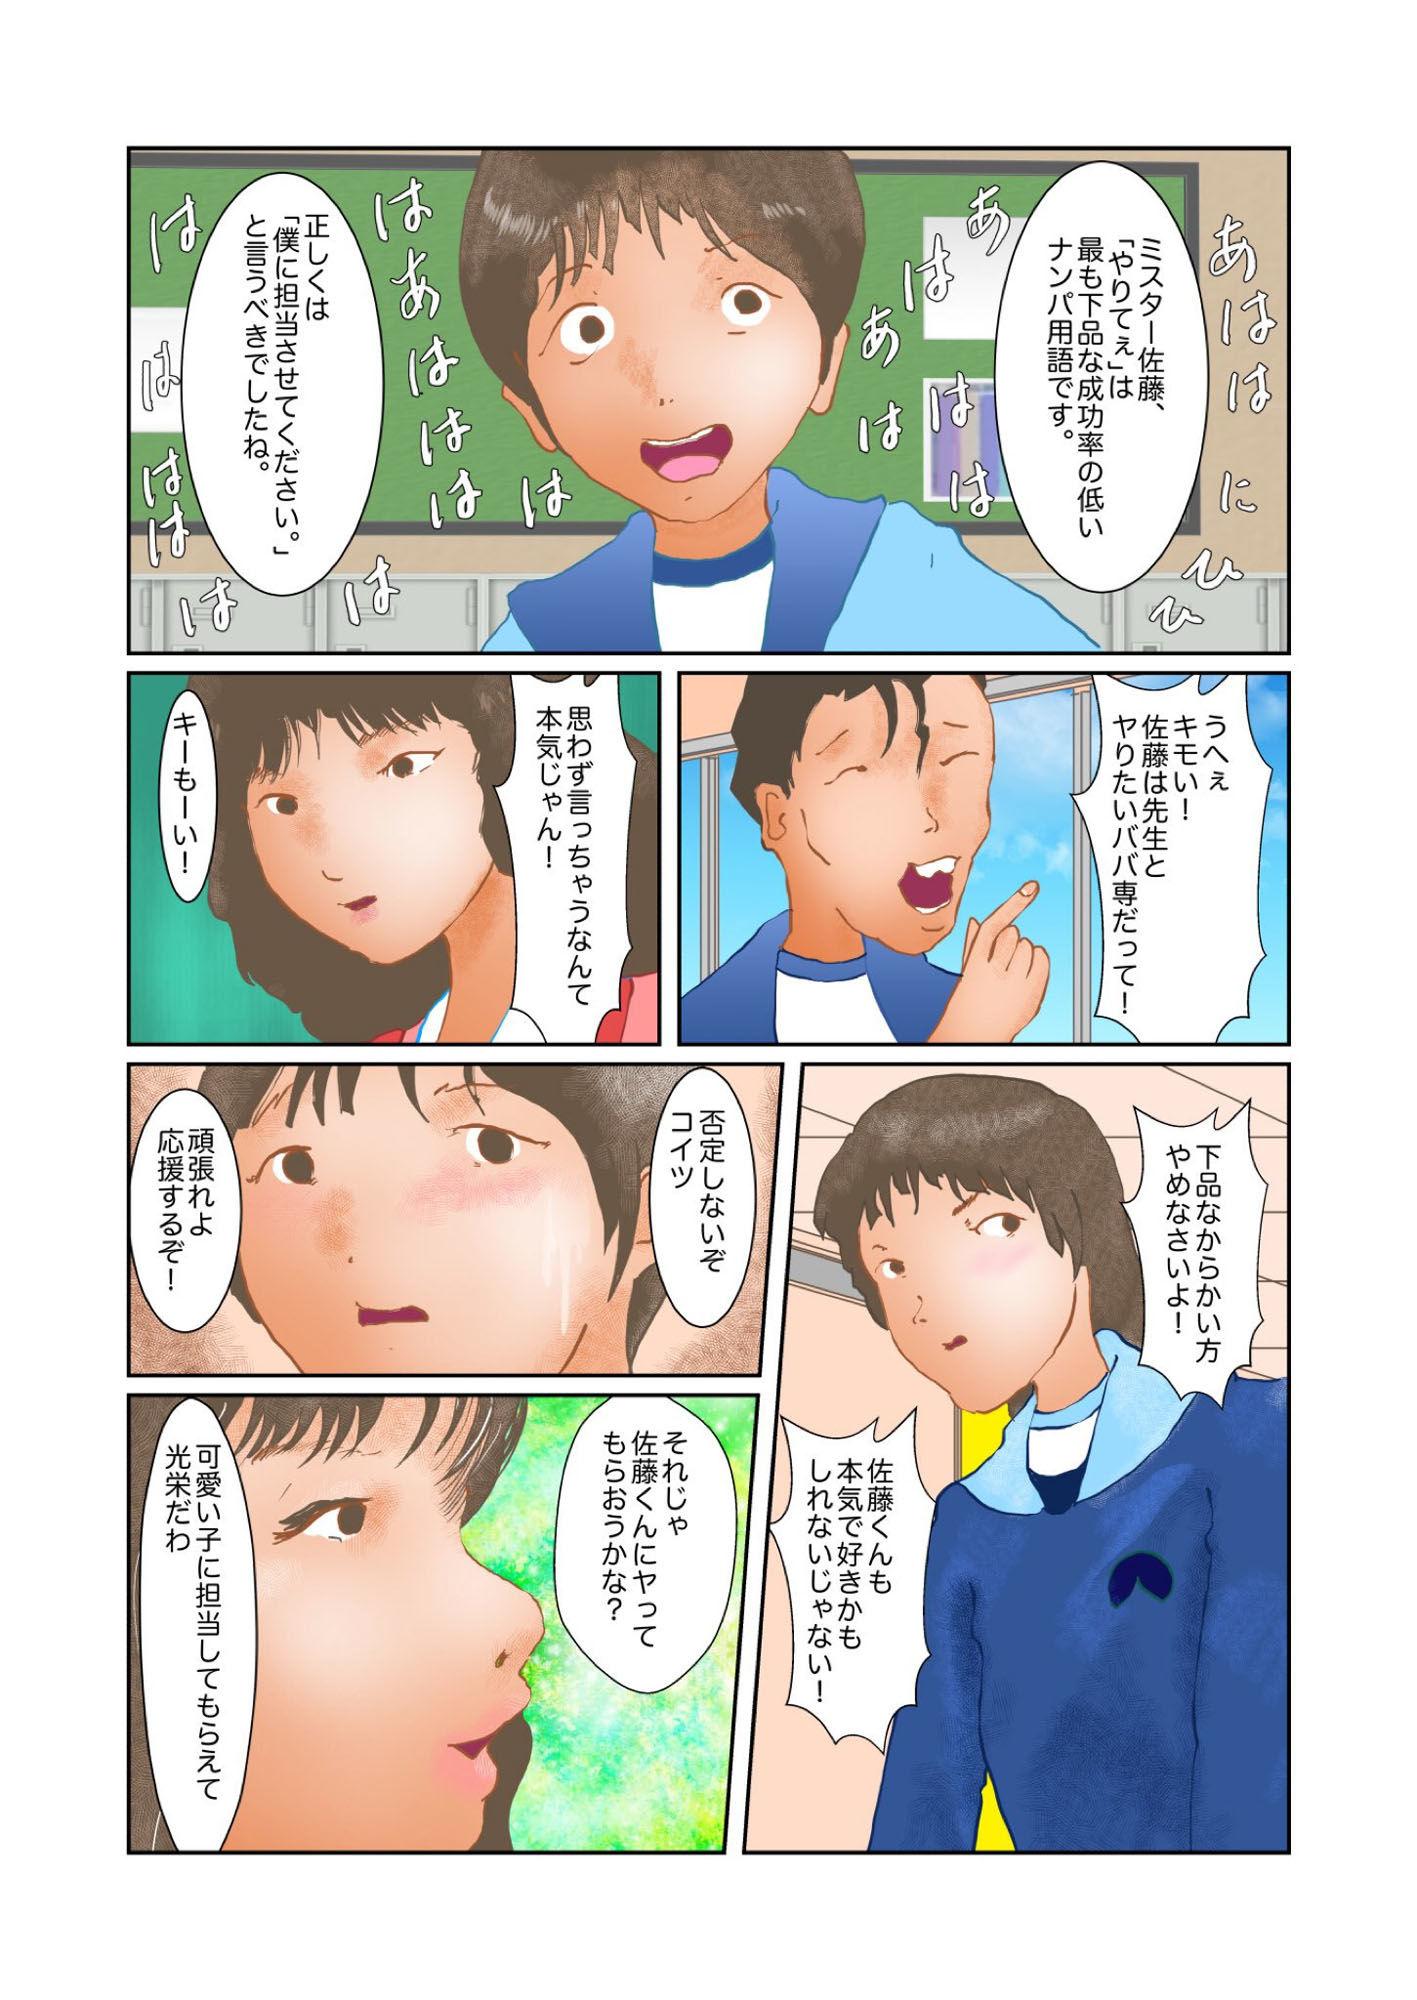 千鶴子先生とエッチしてたら隣の席の女子に見つかって陵辱されちゃった